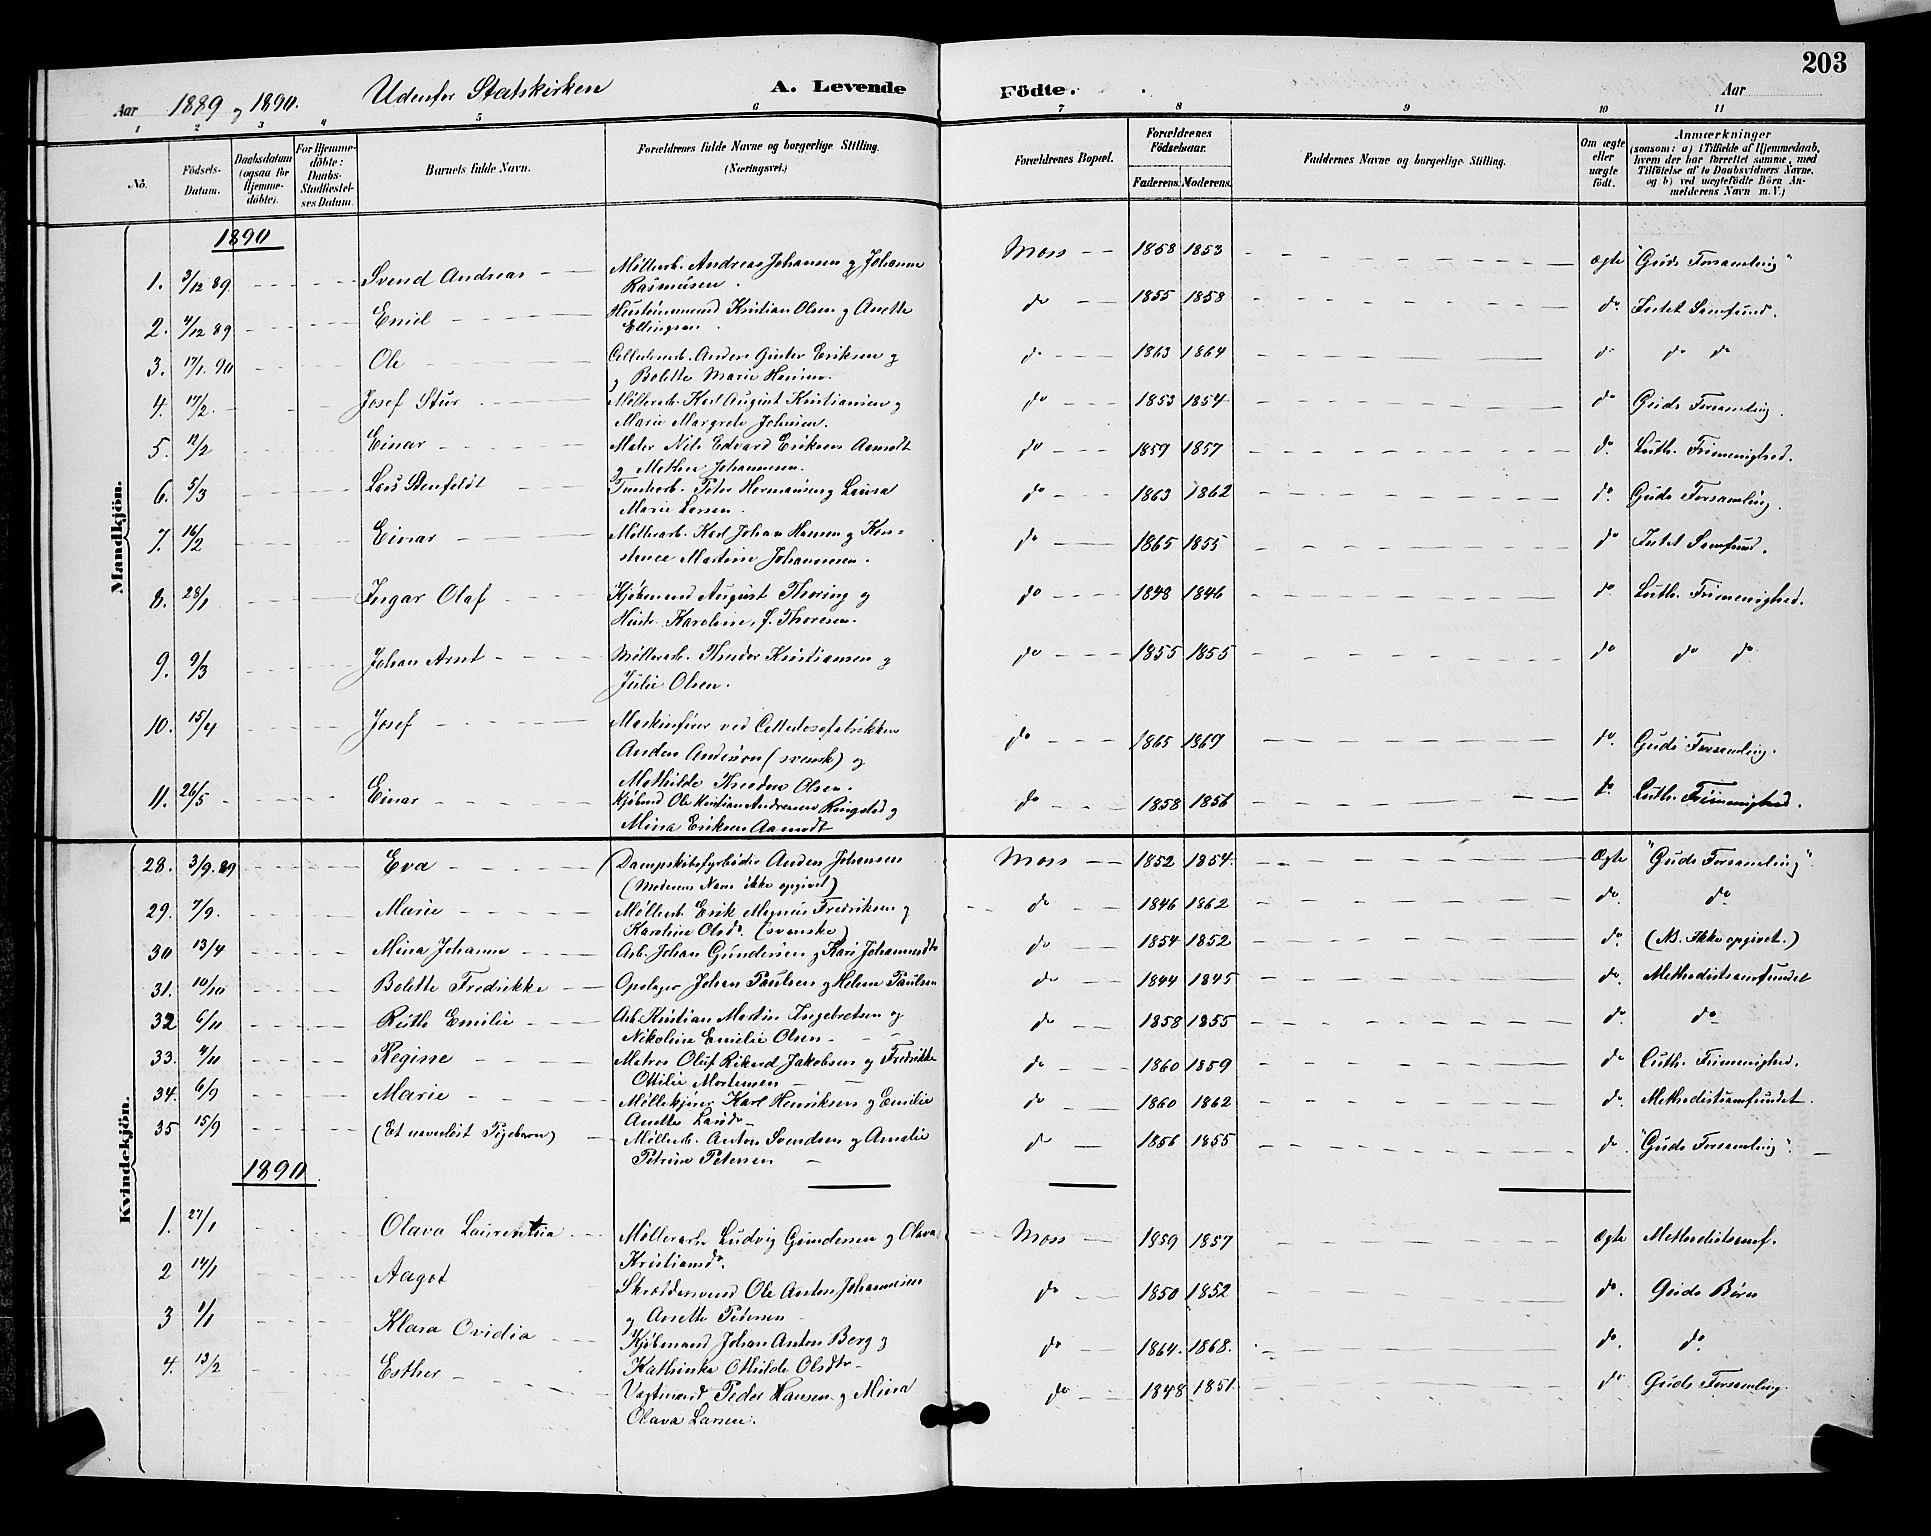 SAO, Moss prestekontor Kirkebøker, G/Ga/L0006: Klokkerbok nr. I 6, 1889-1900, s. 203